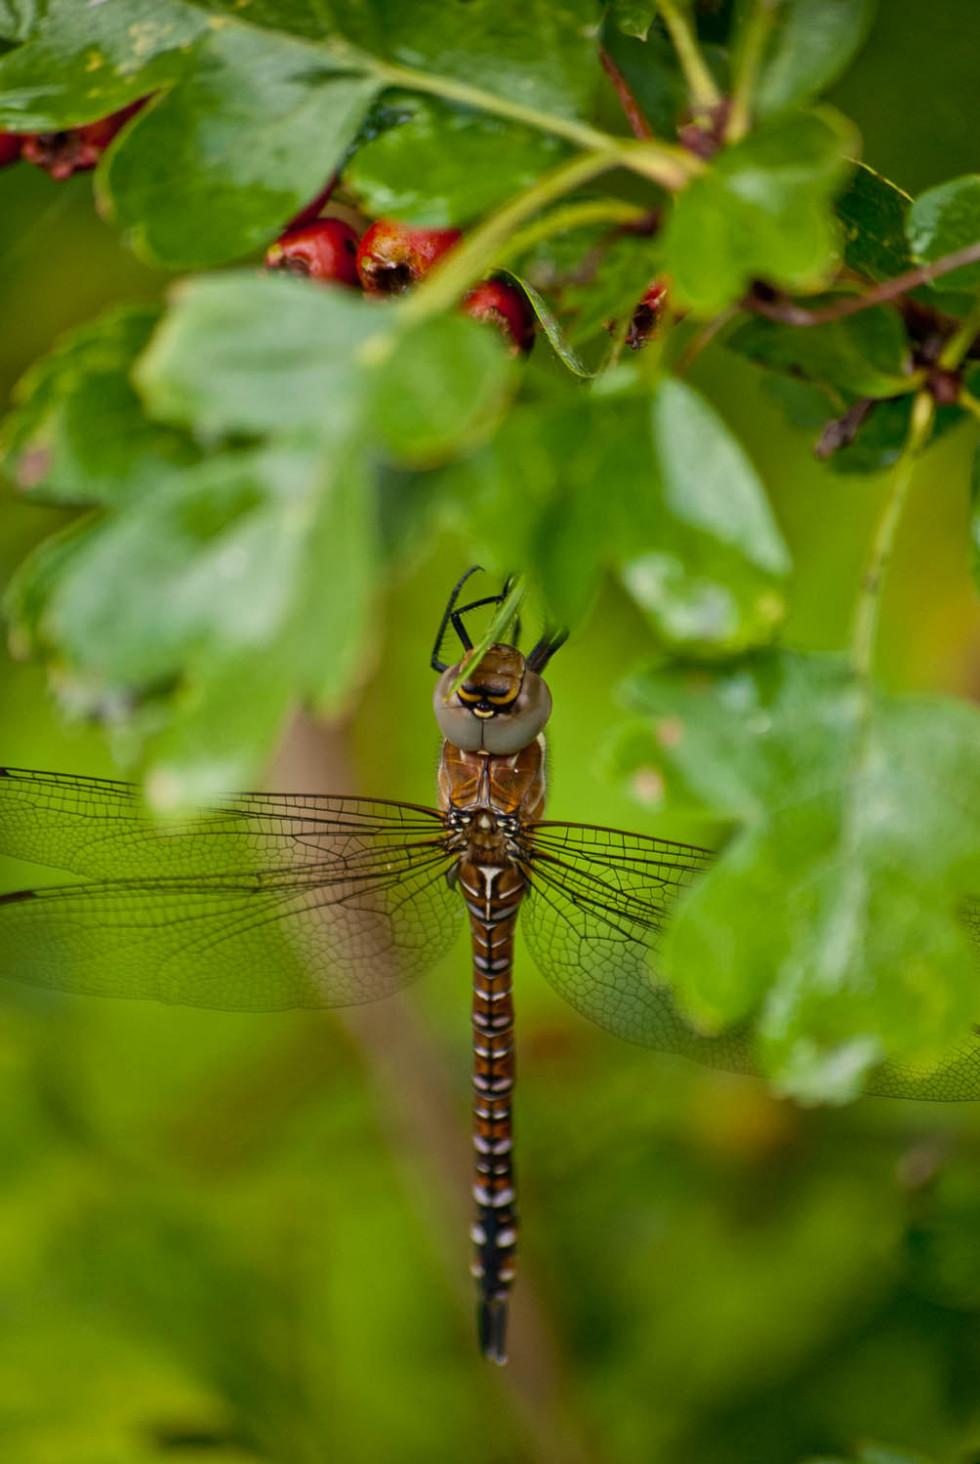 Migrant Hawker Dragonfly, Aeshna mixta